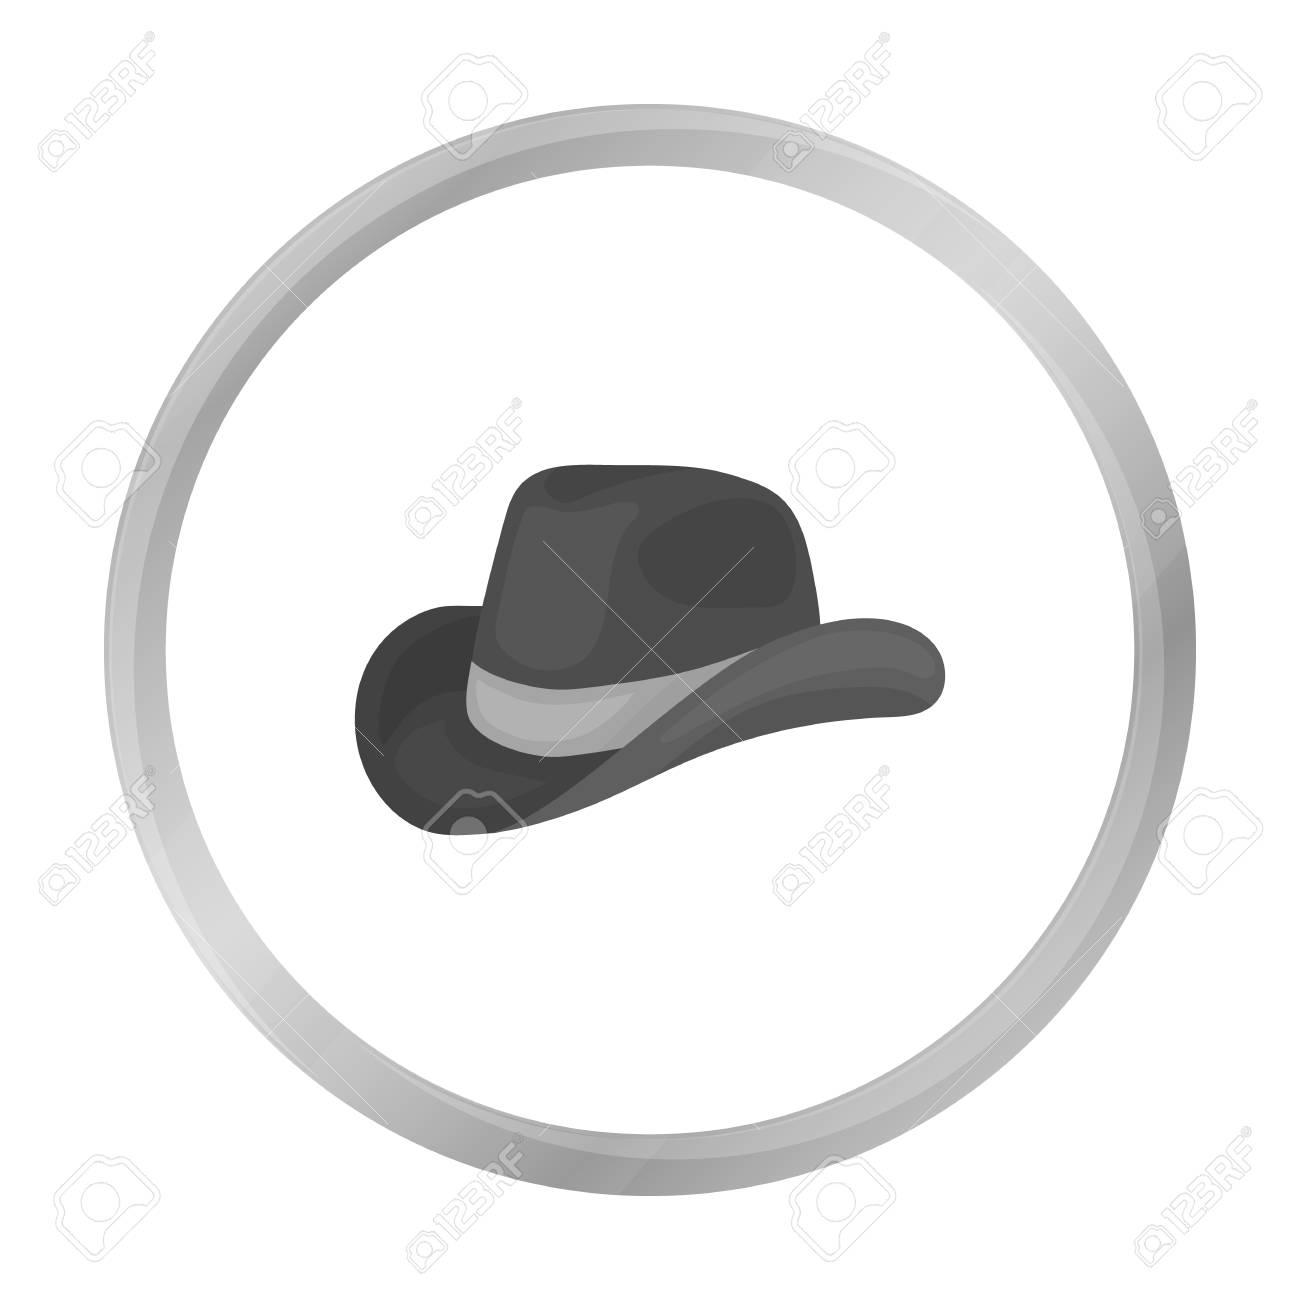 Foto de archivo - Icono de sombrero de vaquero en estilo blanco y negro  sobre fondo blanco. Símbolo del día de vectores ilustración stock Patriota. e6097698696